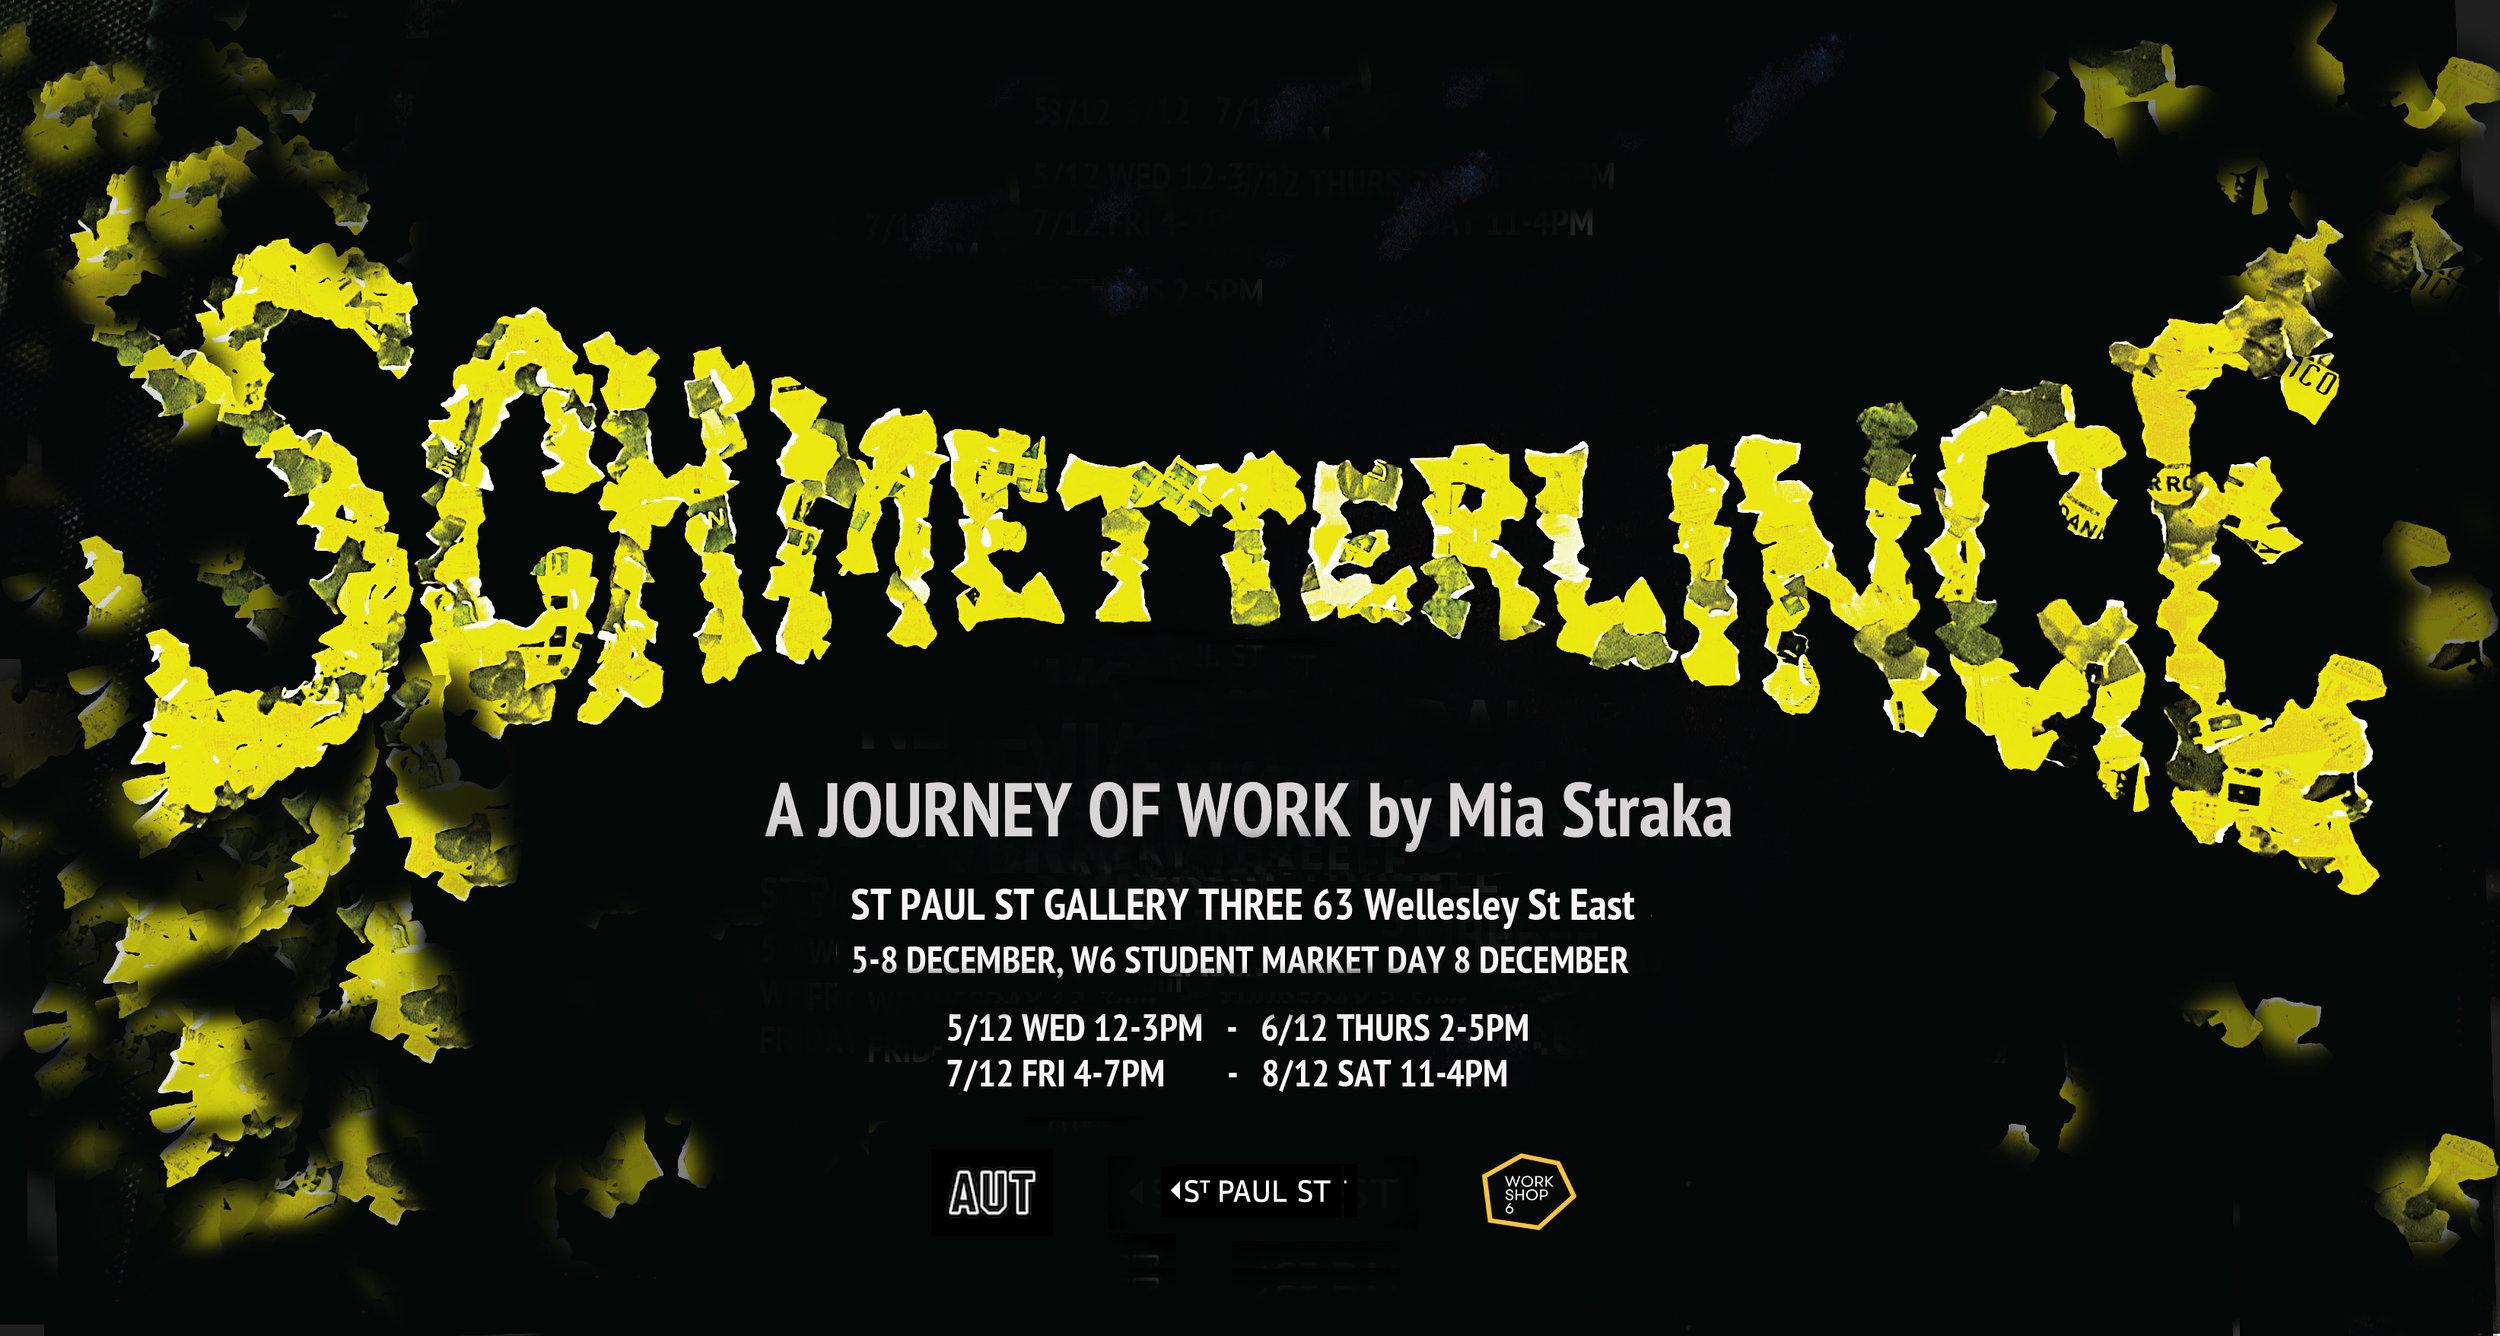 Schmetterlinge final Invite DETAIL copy.jpg